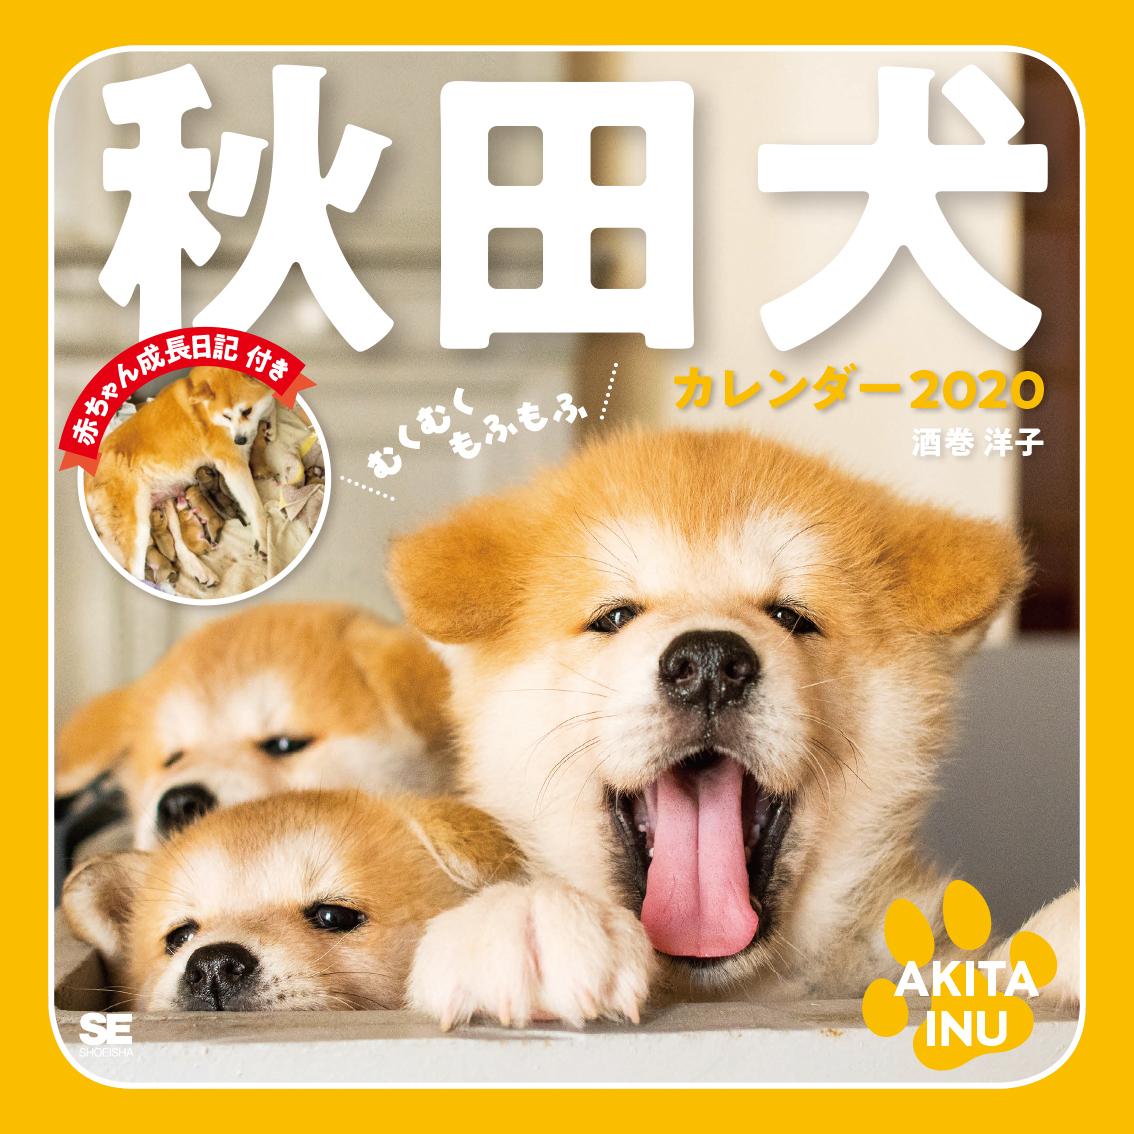 むくむくもふもふ秋田犬カレンダー2020